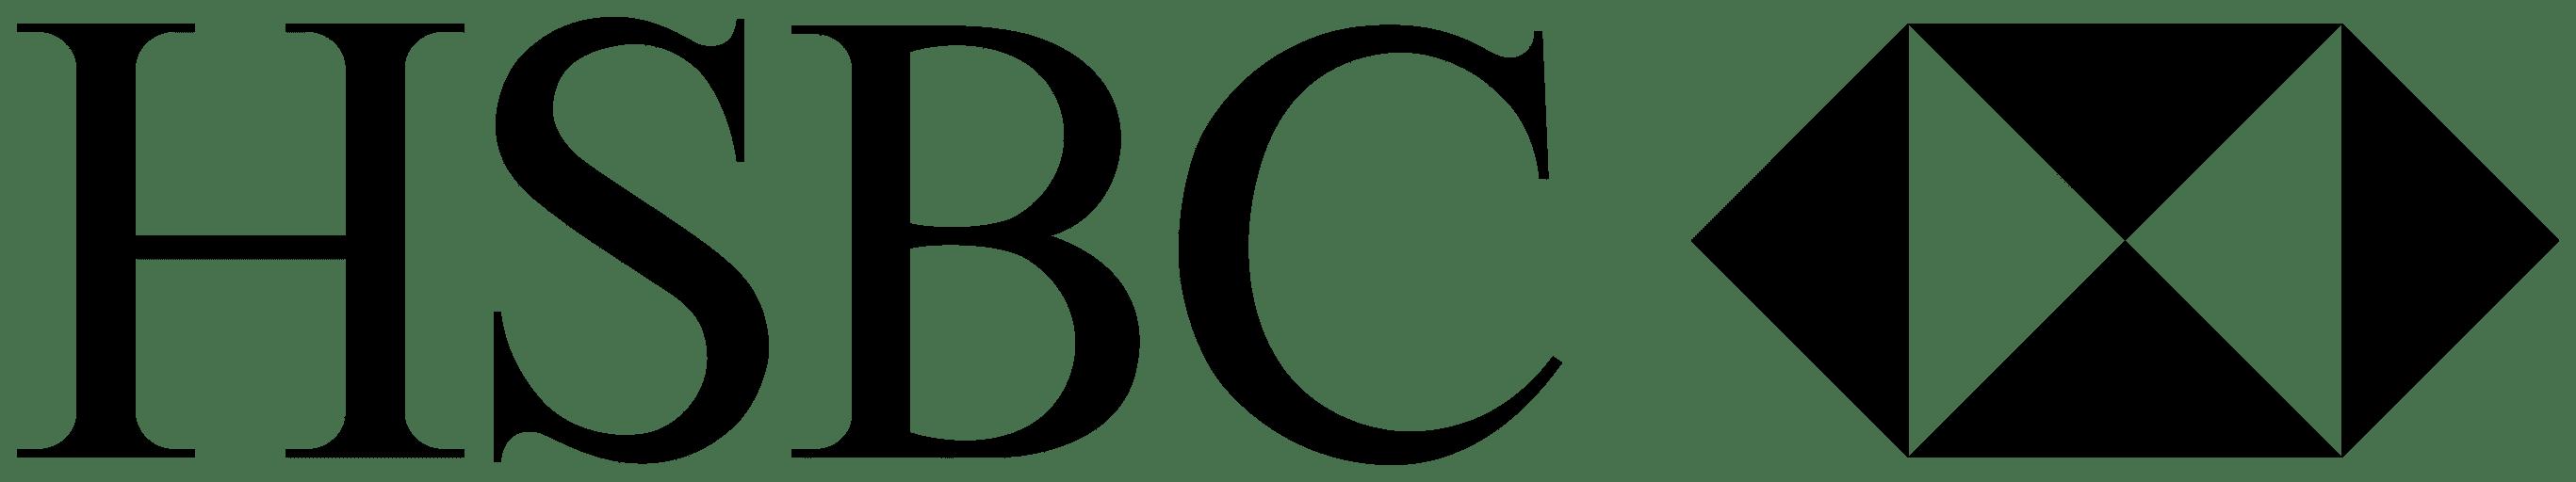 logomono-hsbc-mono